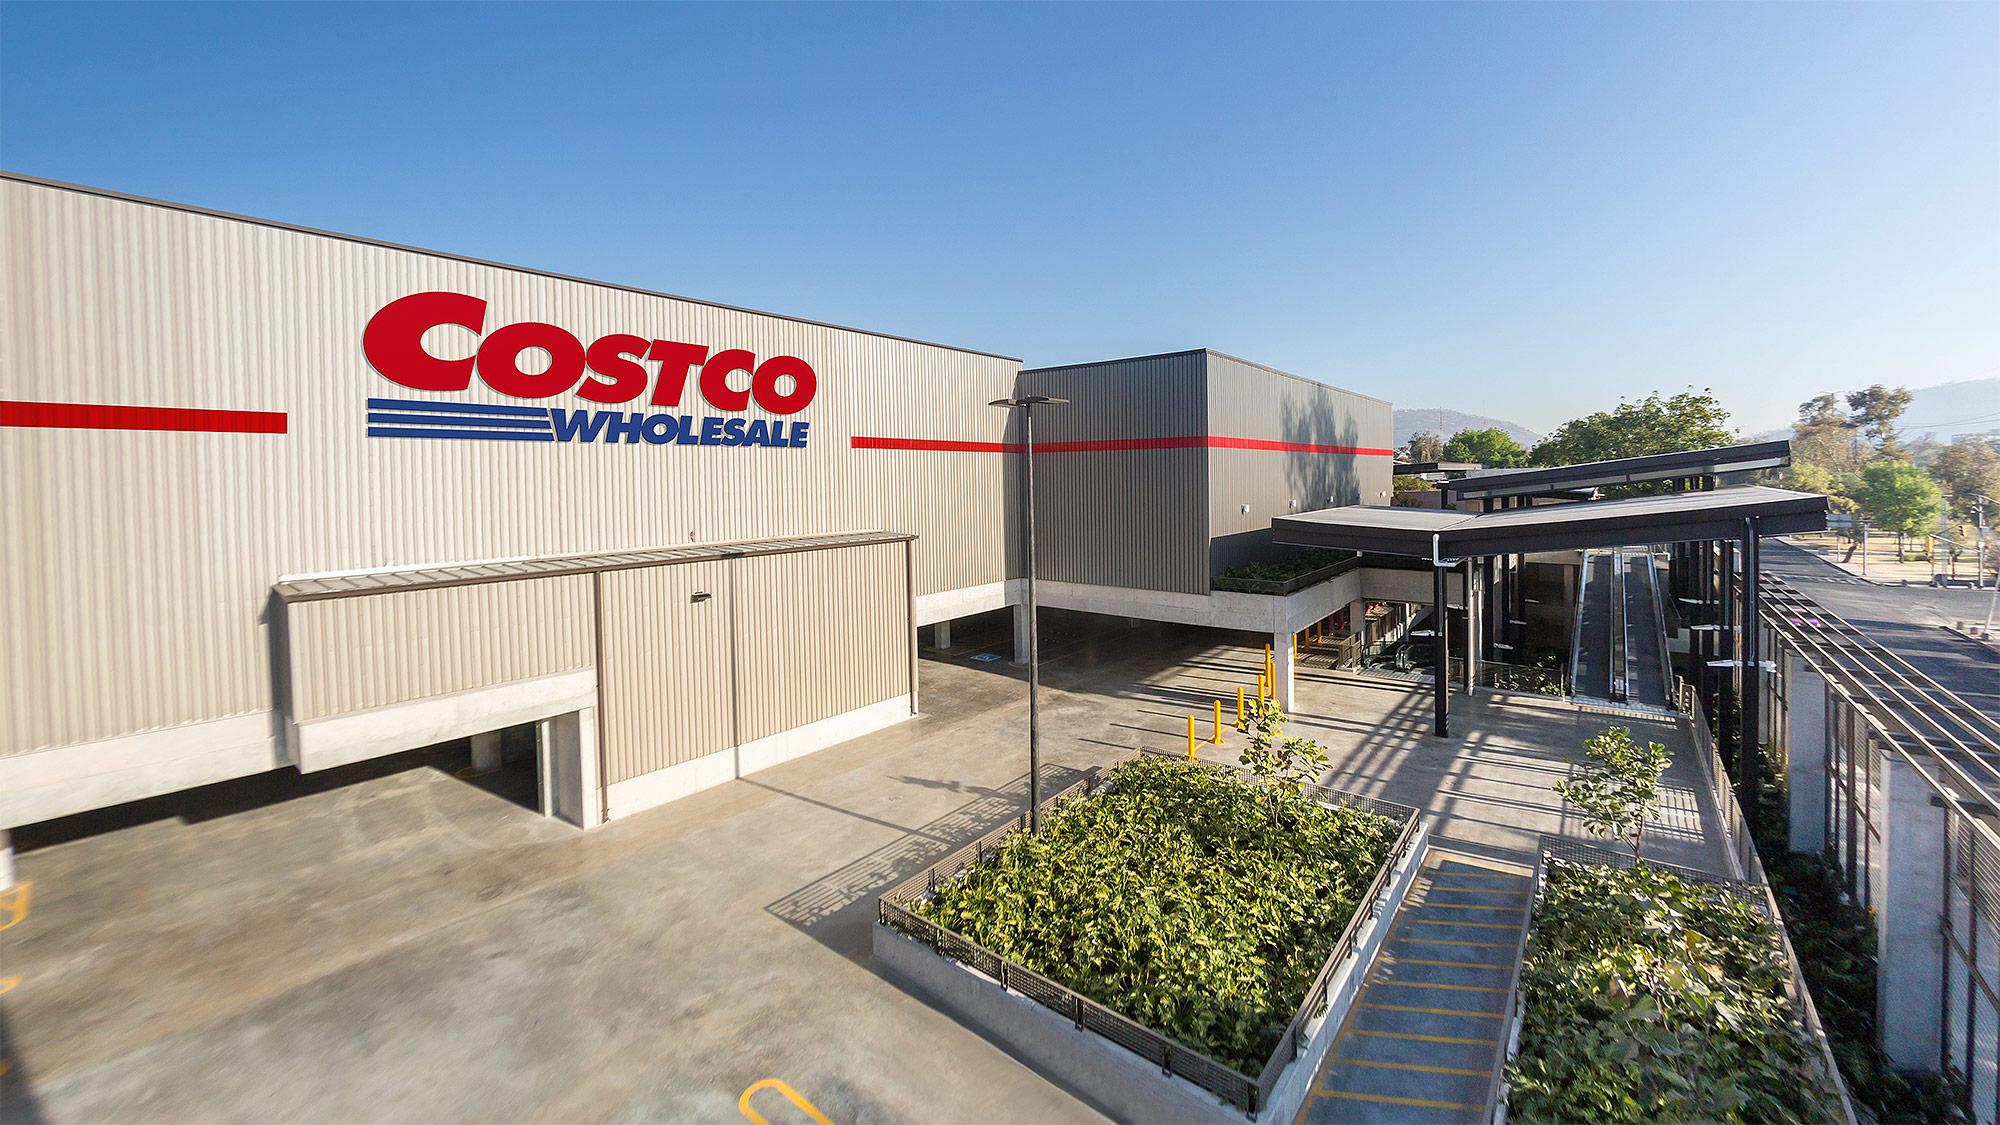 Costco abre una nueva tienda en la Ciudad de México